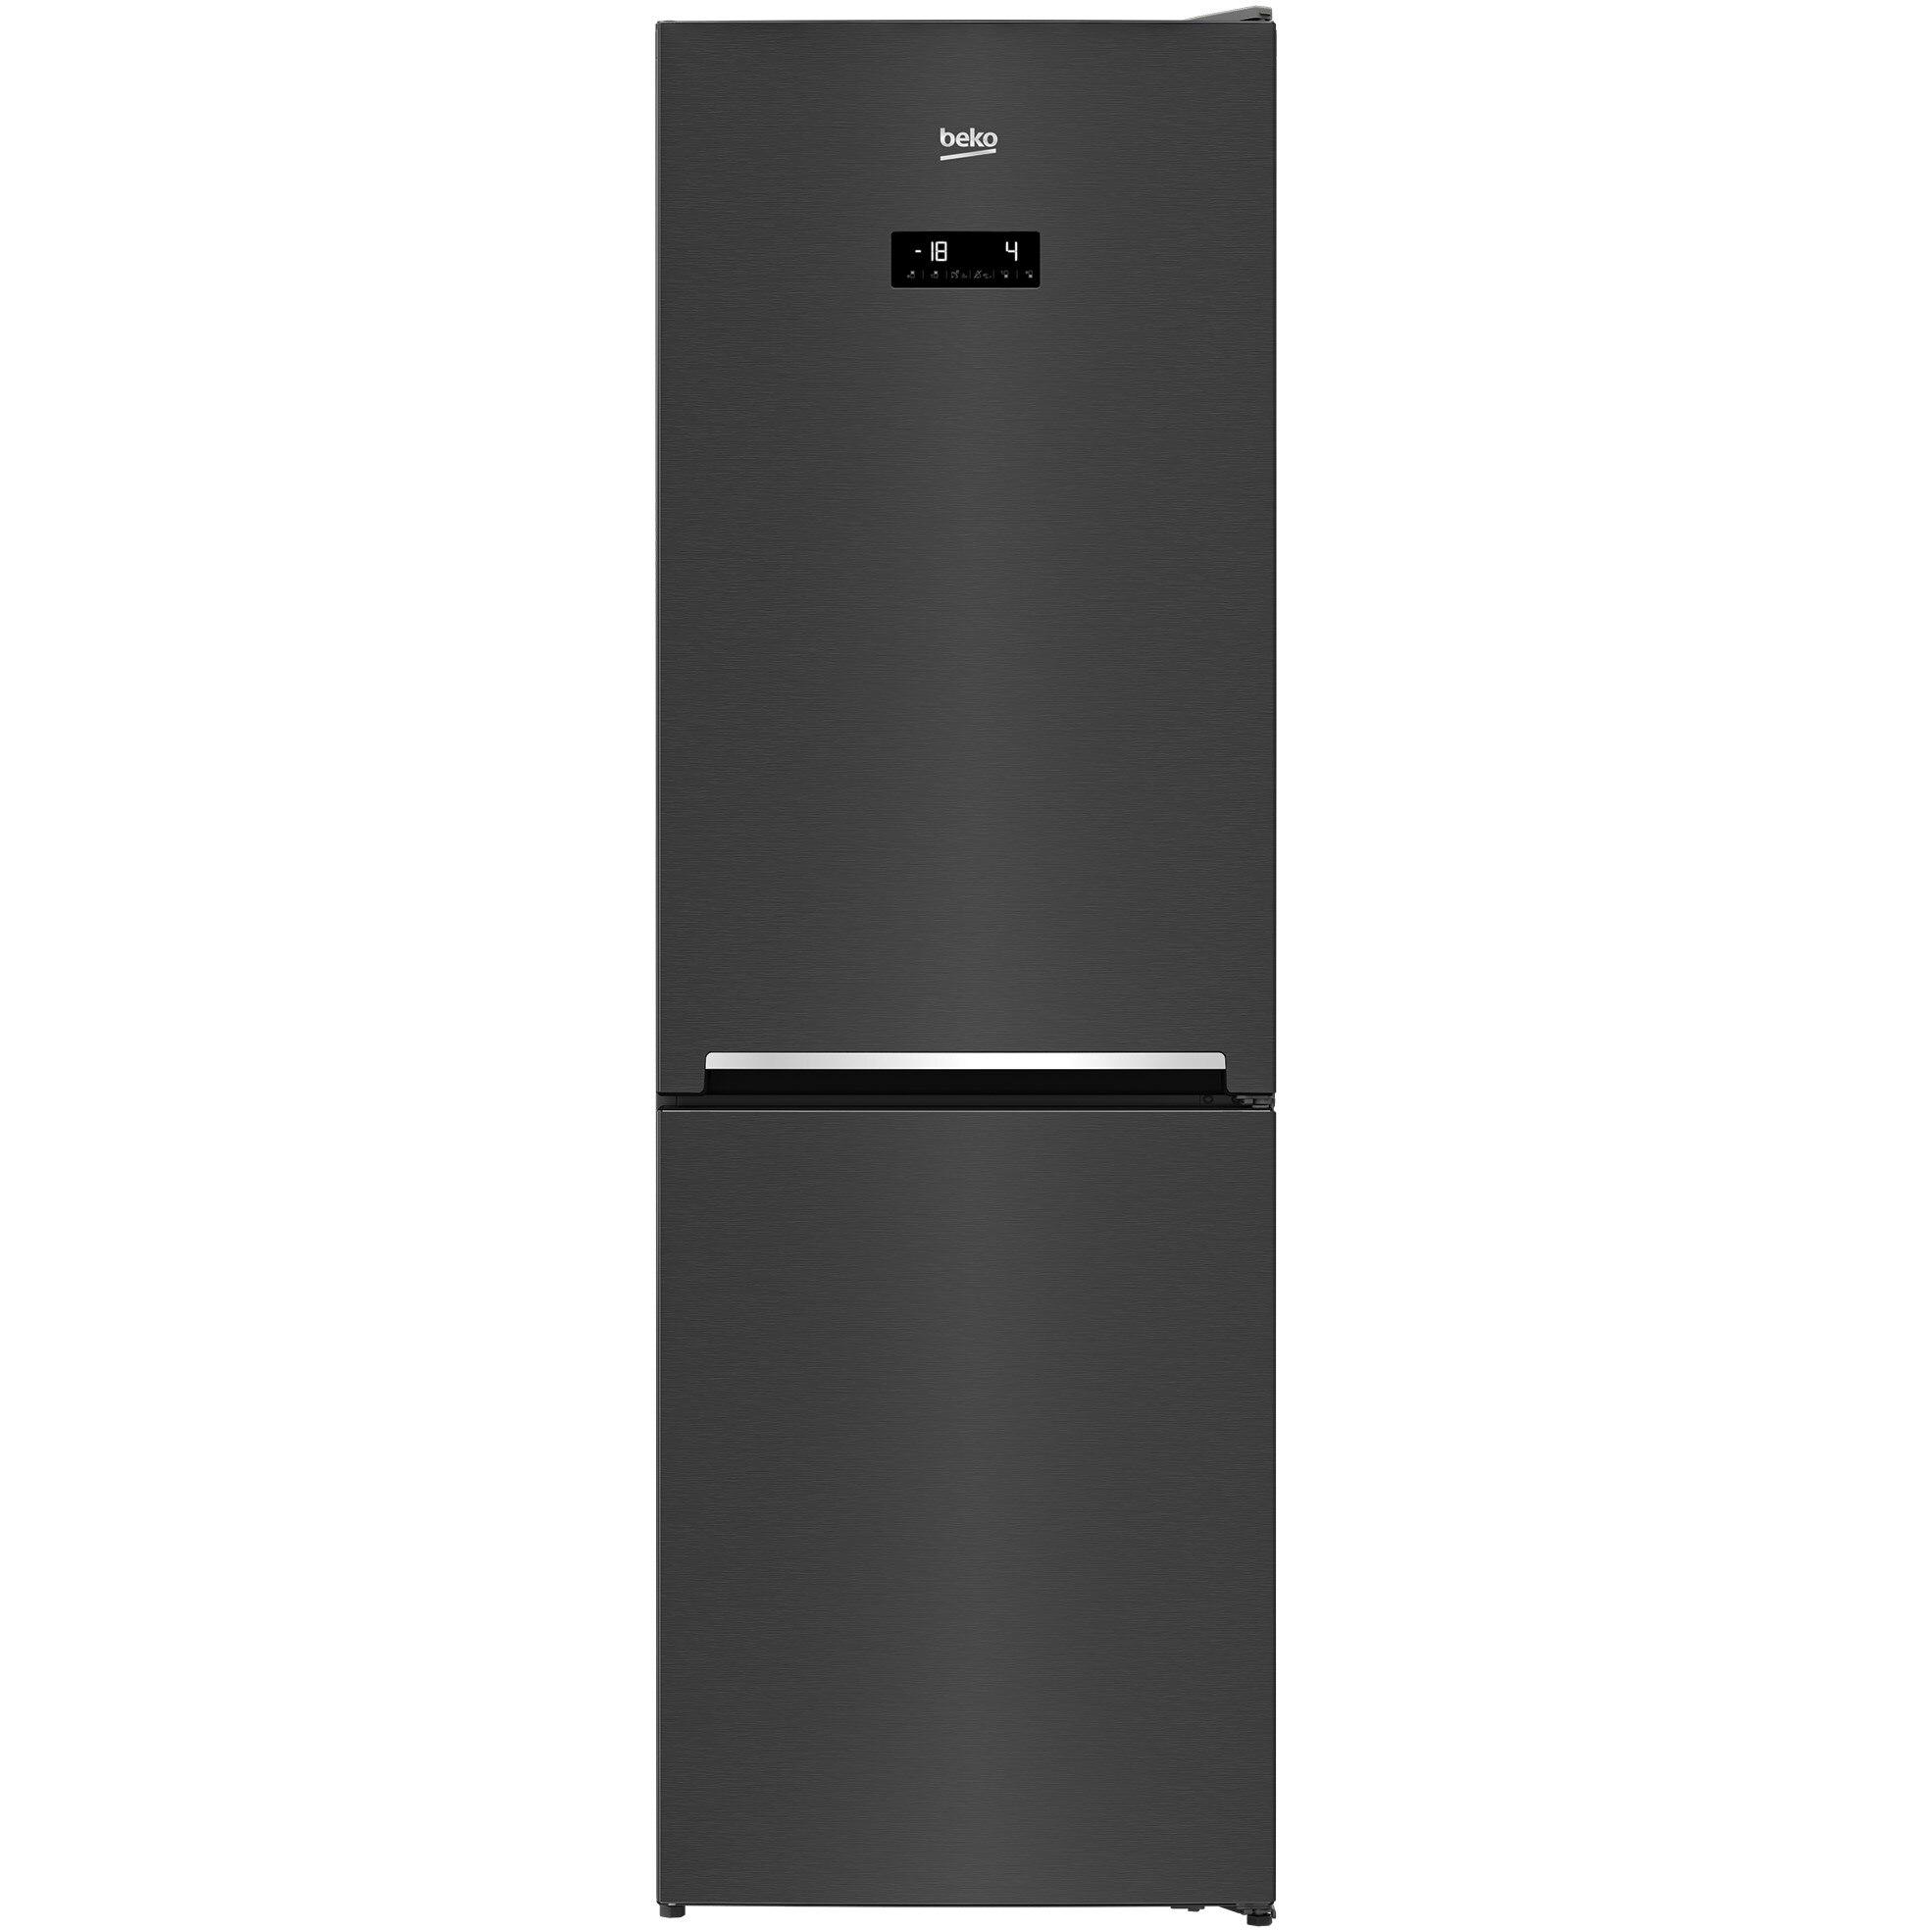 Fotografie Combina frigorifica Beko RCNA366E40ZXBRN, 324 l, Clasa E, NeoFrost, Compartiment 0°C, Kitchen Fit, Everfresh+ , 185.2 cm, Dark Inox